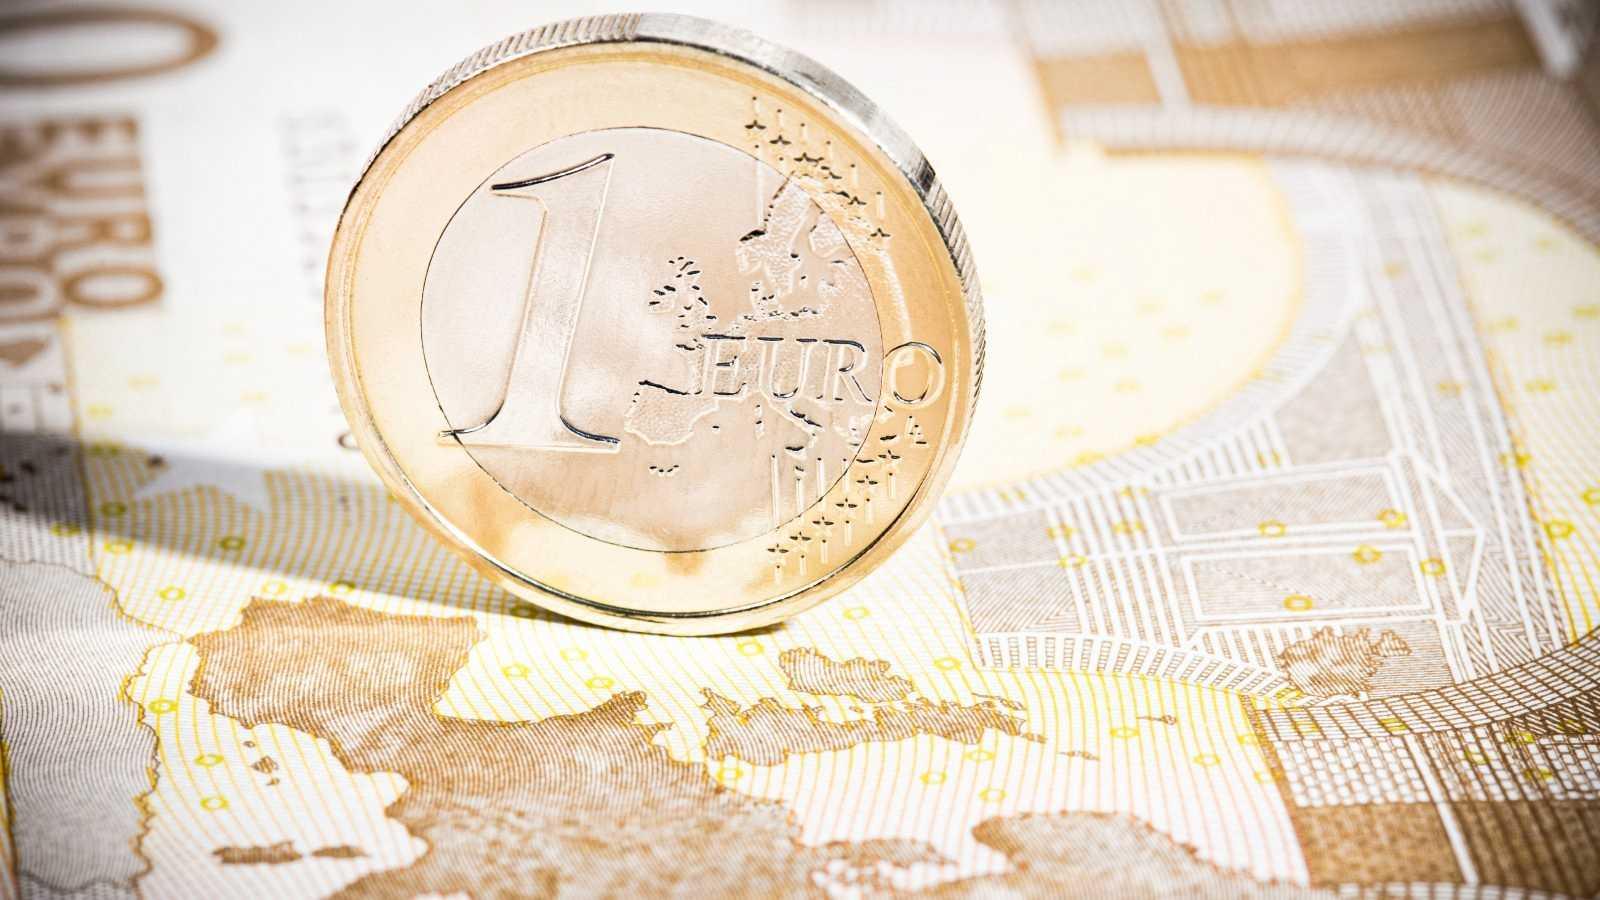 Vista de una moneda de un euro sobre un billete en una imagen de archivo.